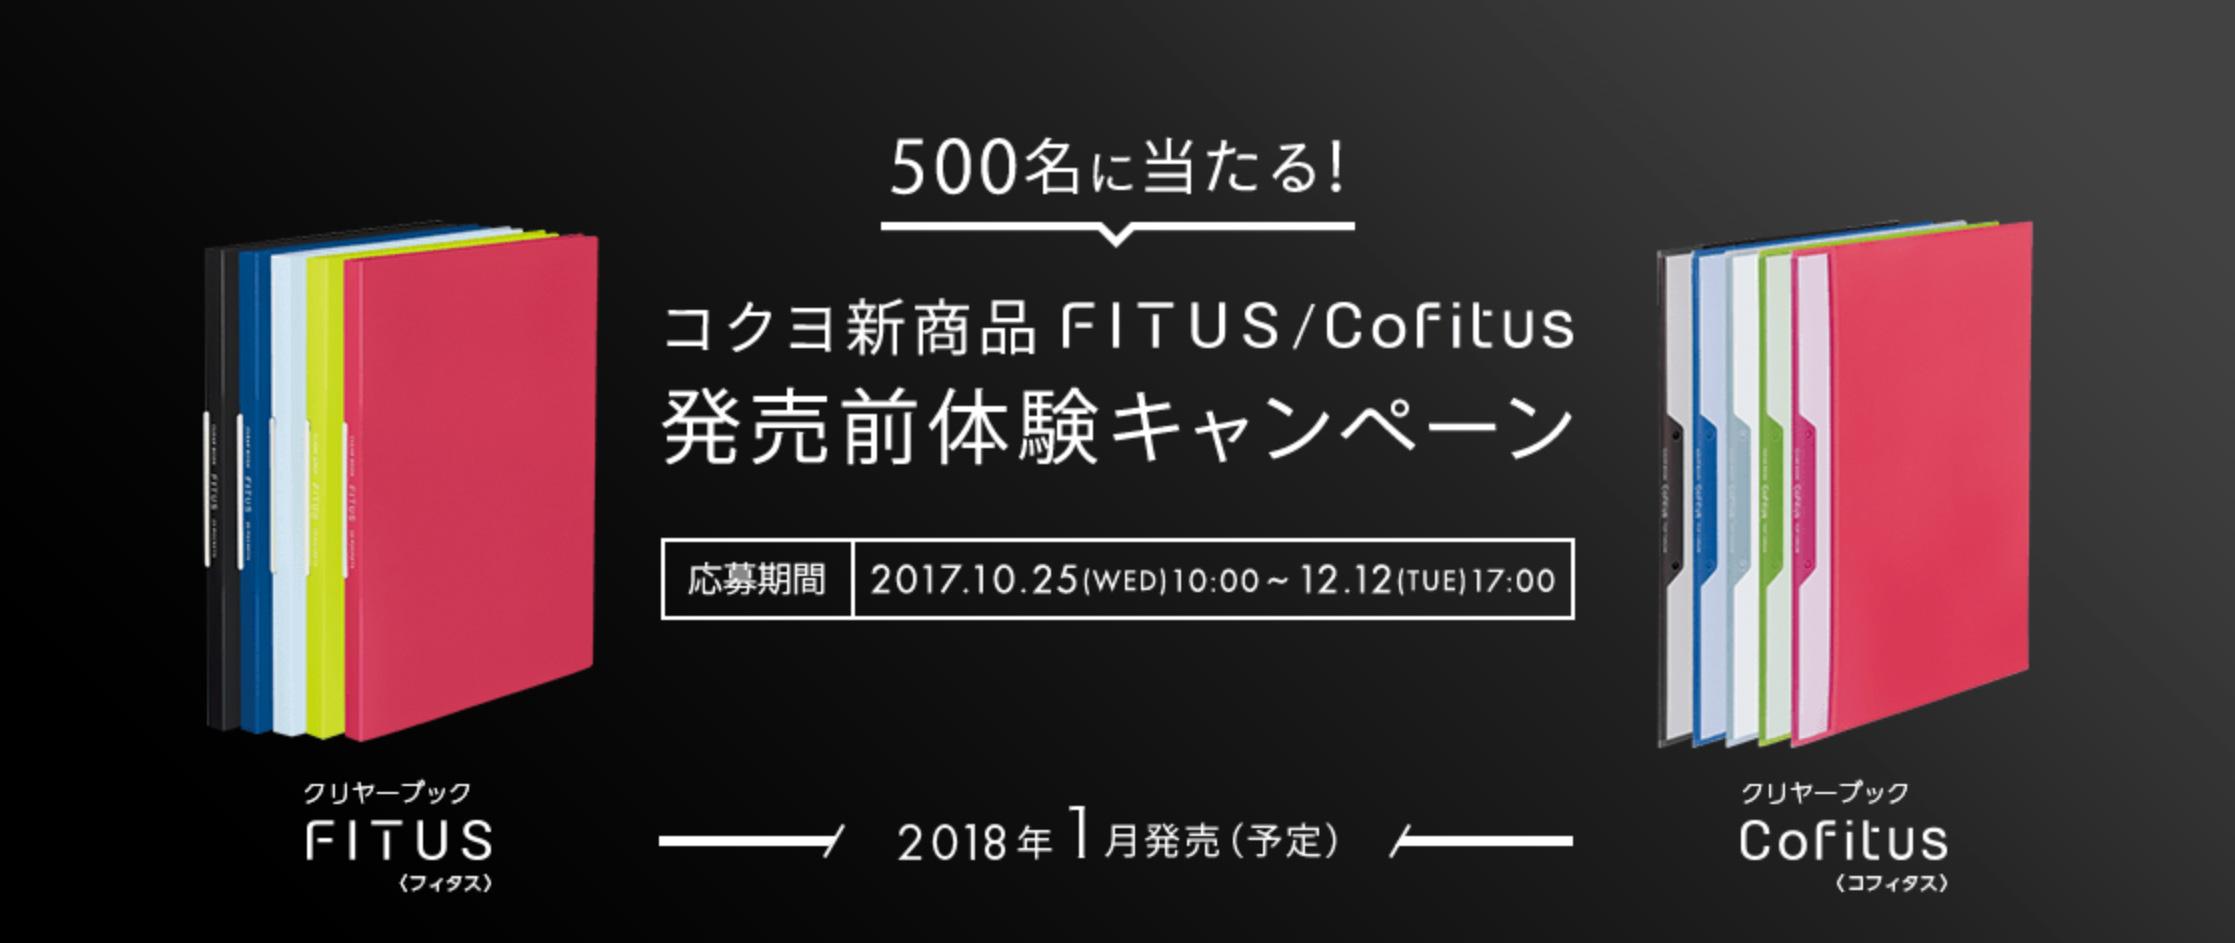 コクヨのフィタス&コフィタスプレゼント